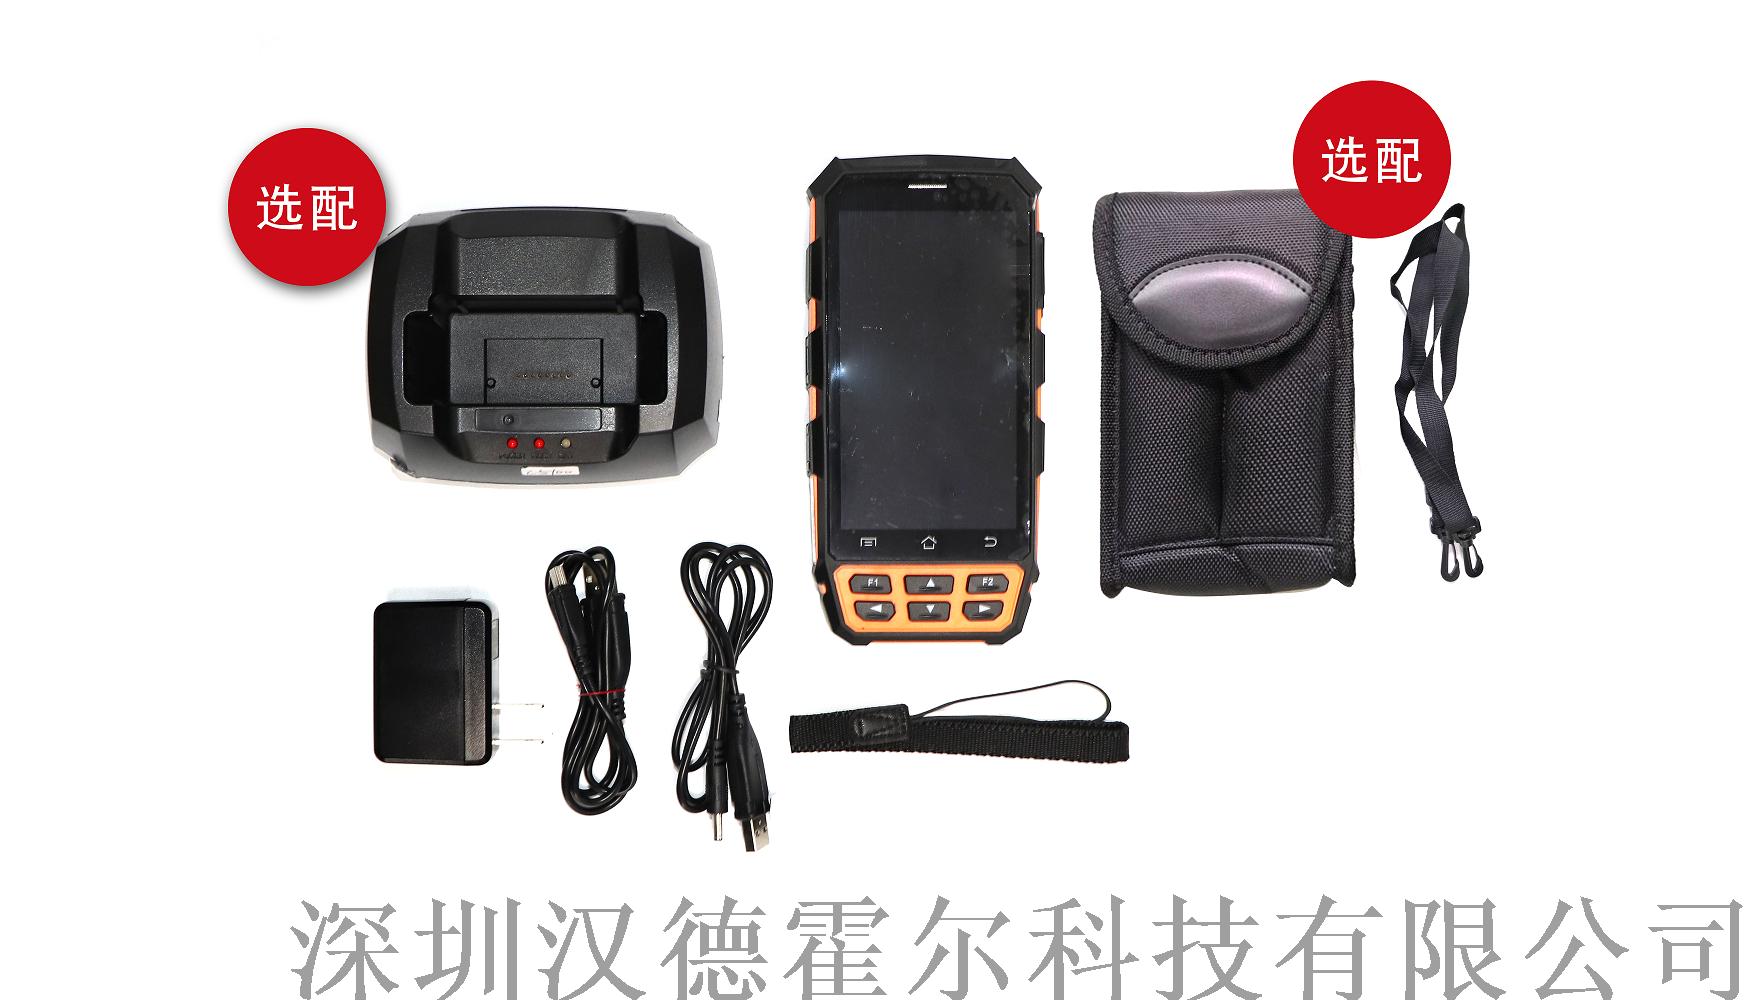 C5000身份证扫码UHF指纹RFID手持终端115963082